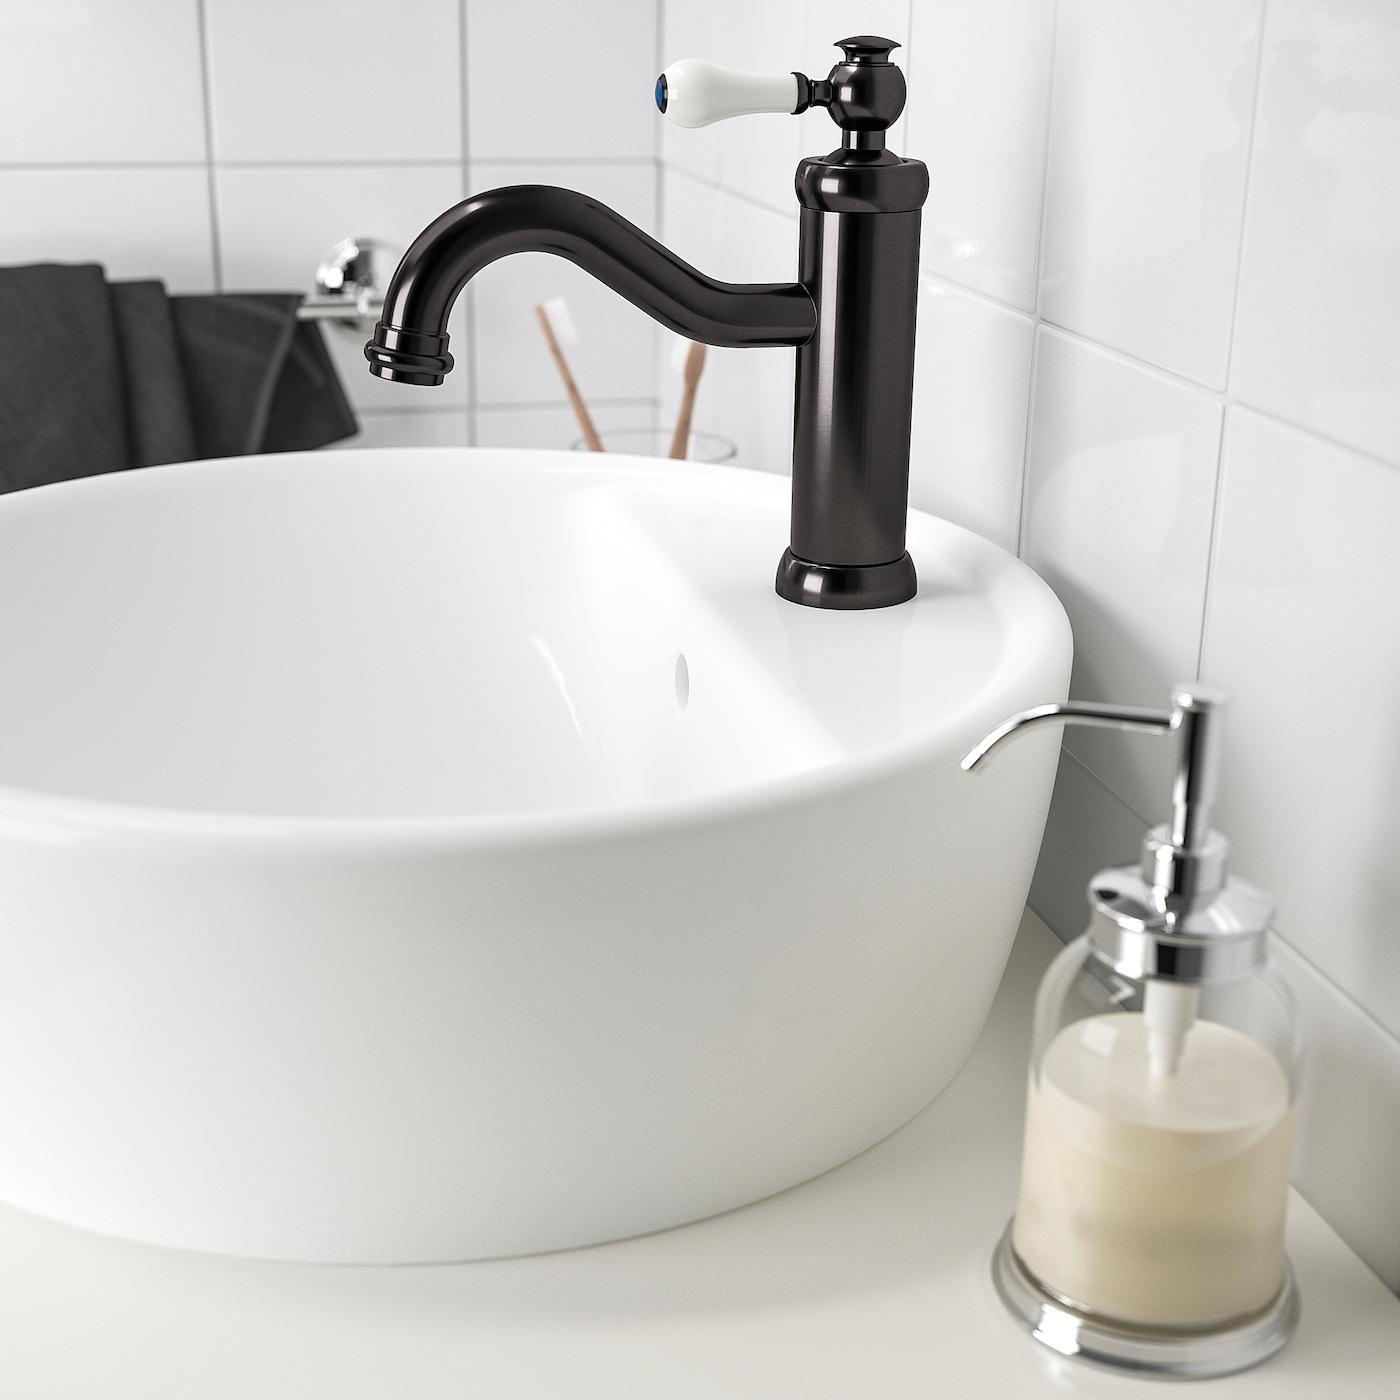 HAMNSKÄR خلاط ماء حوض غسيل مع صمام, أسود